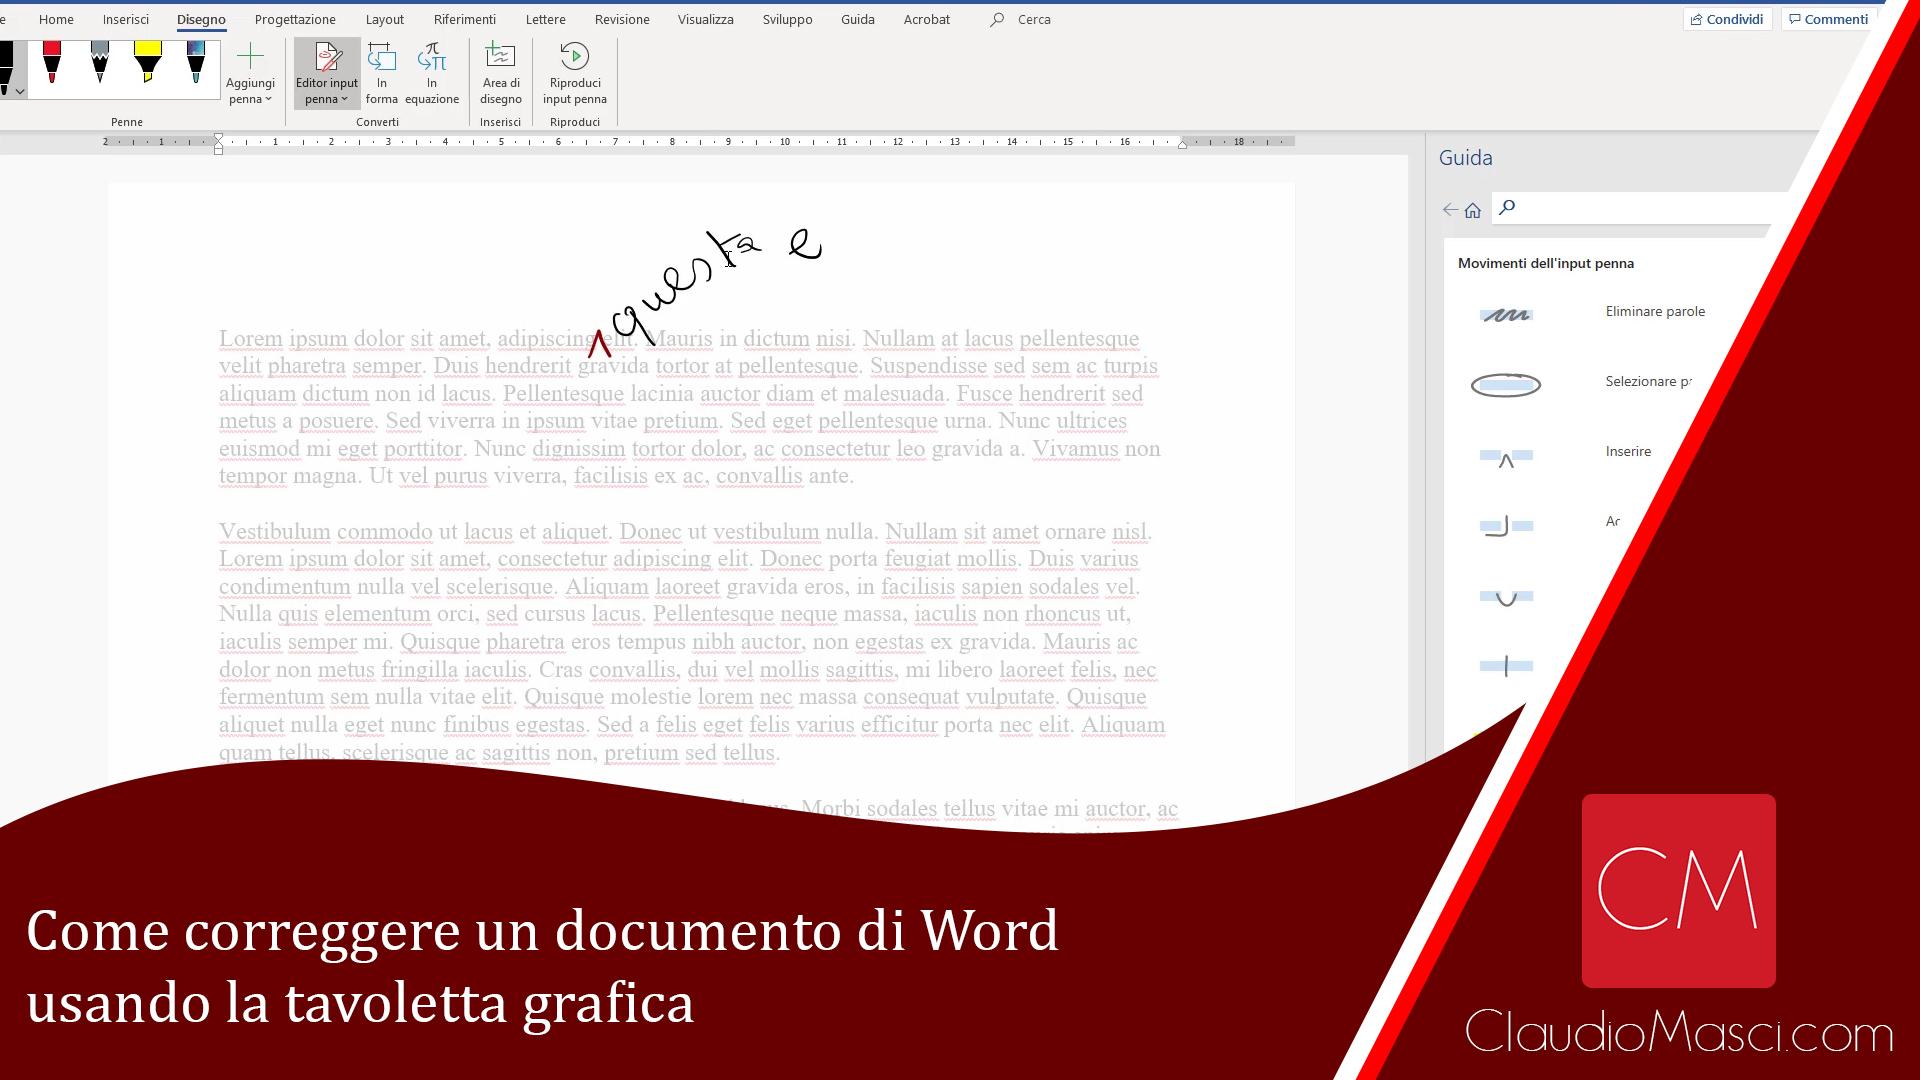 Come correggere un documento di Word usando la tavoletta grafica